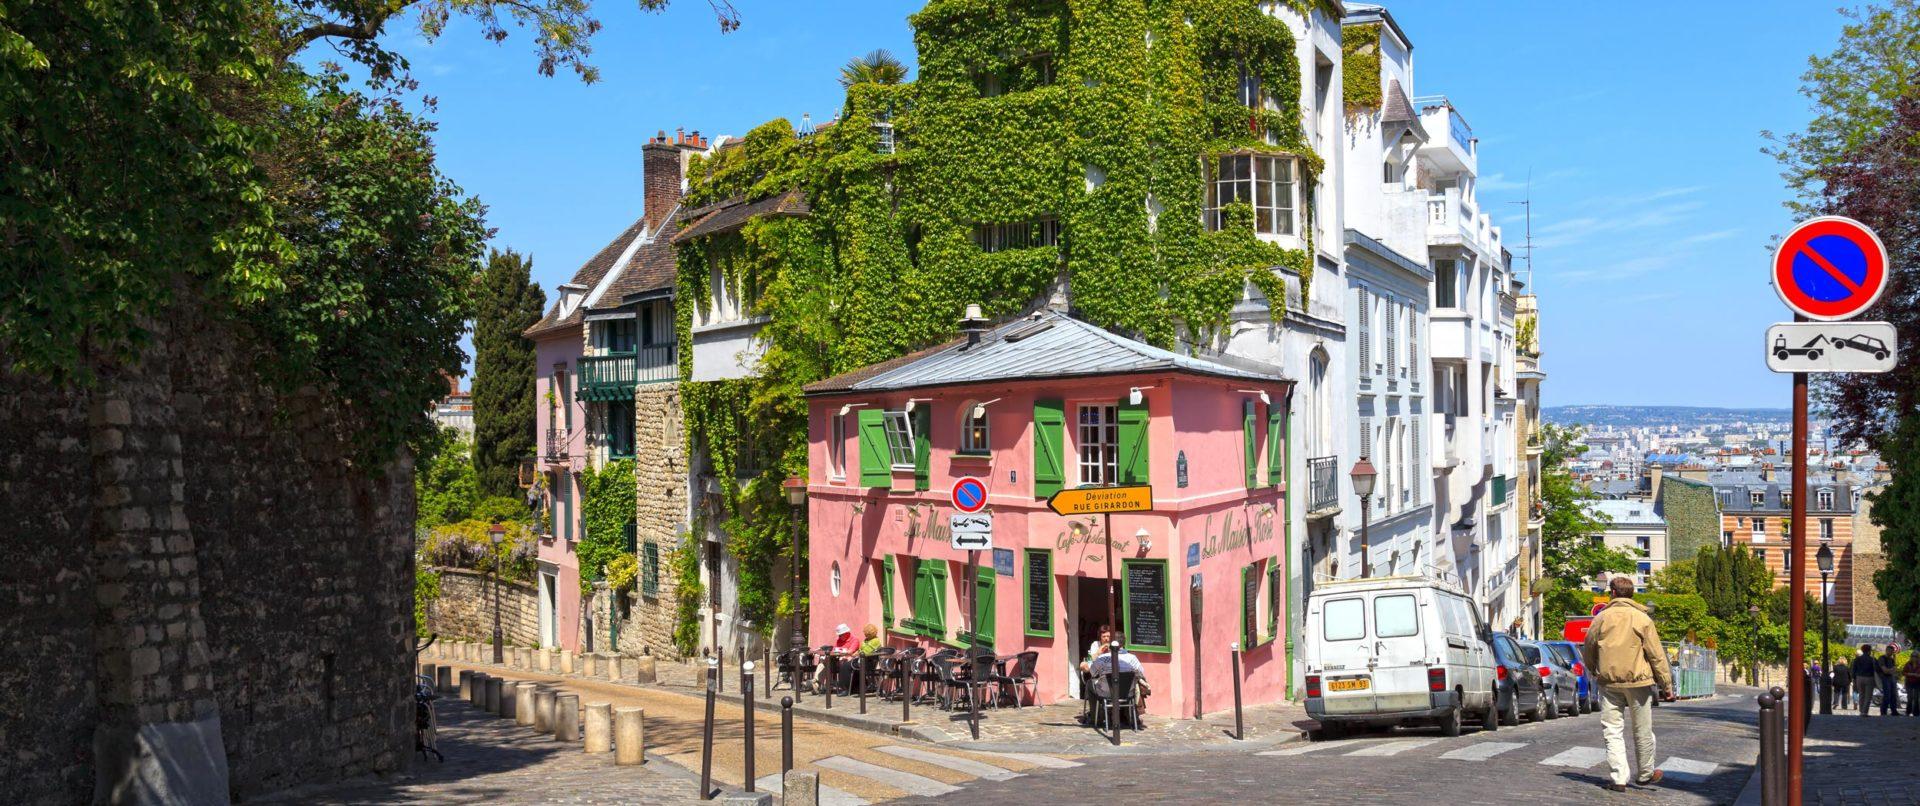 paris-for-kids-tour-montmartre-family-activity